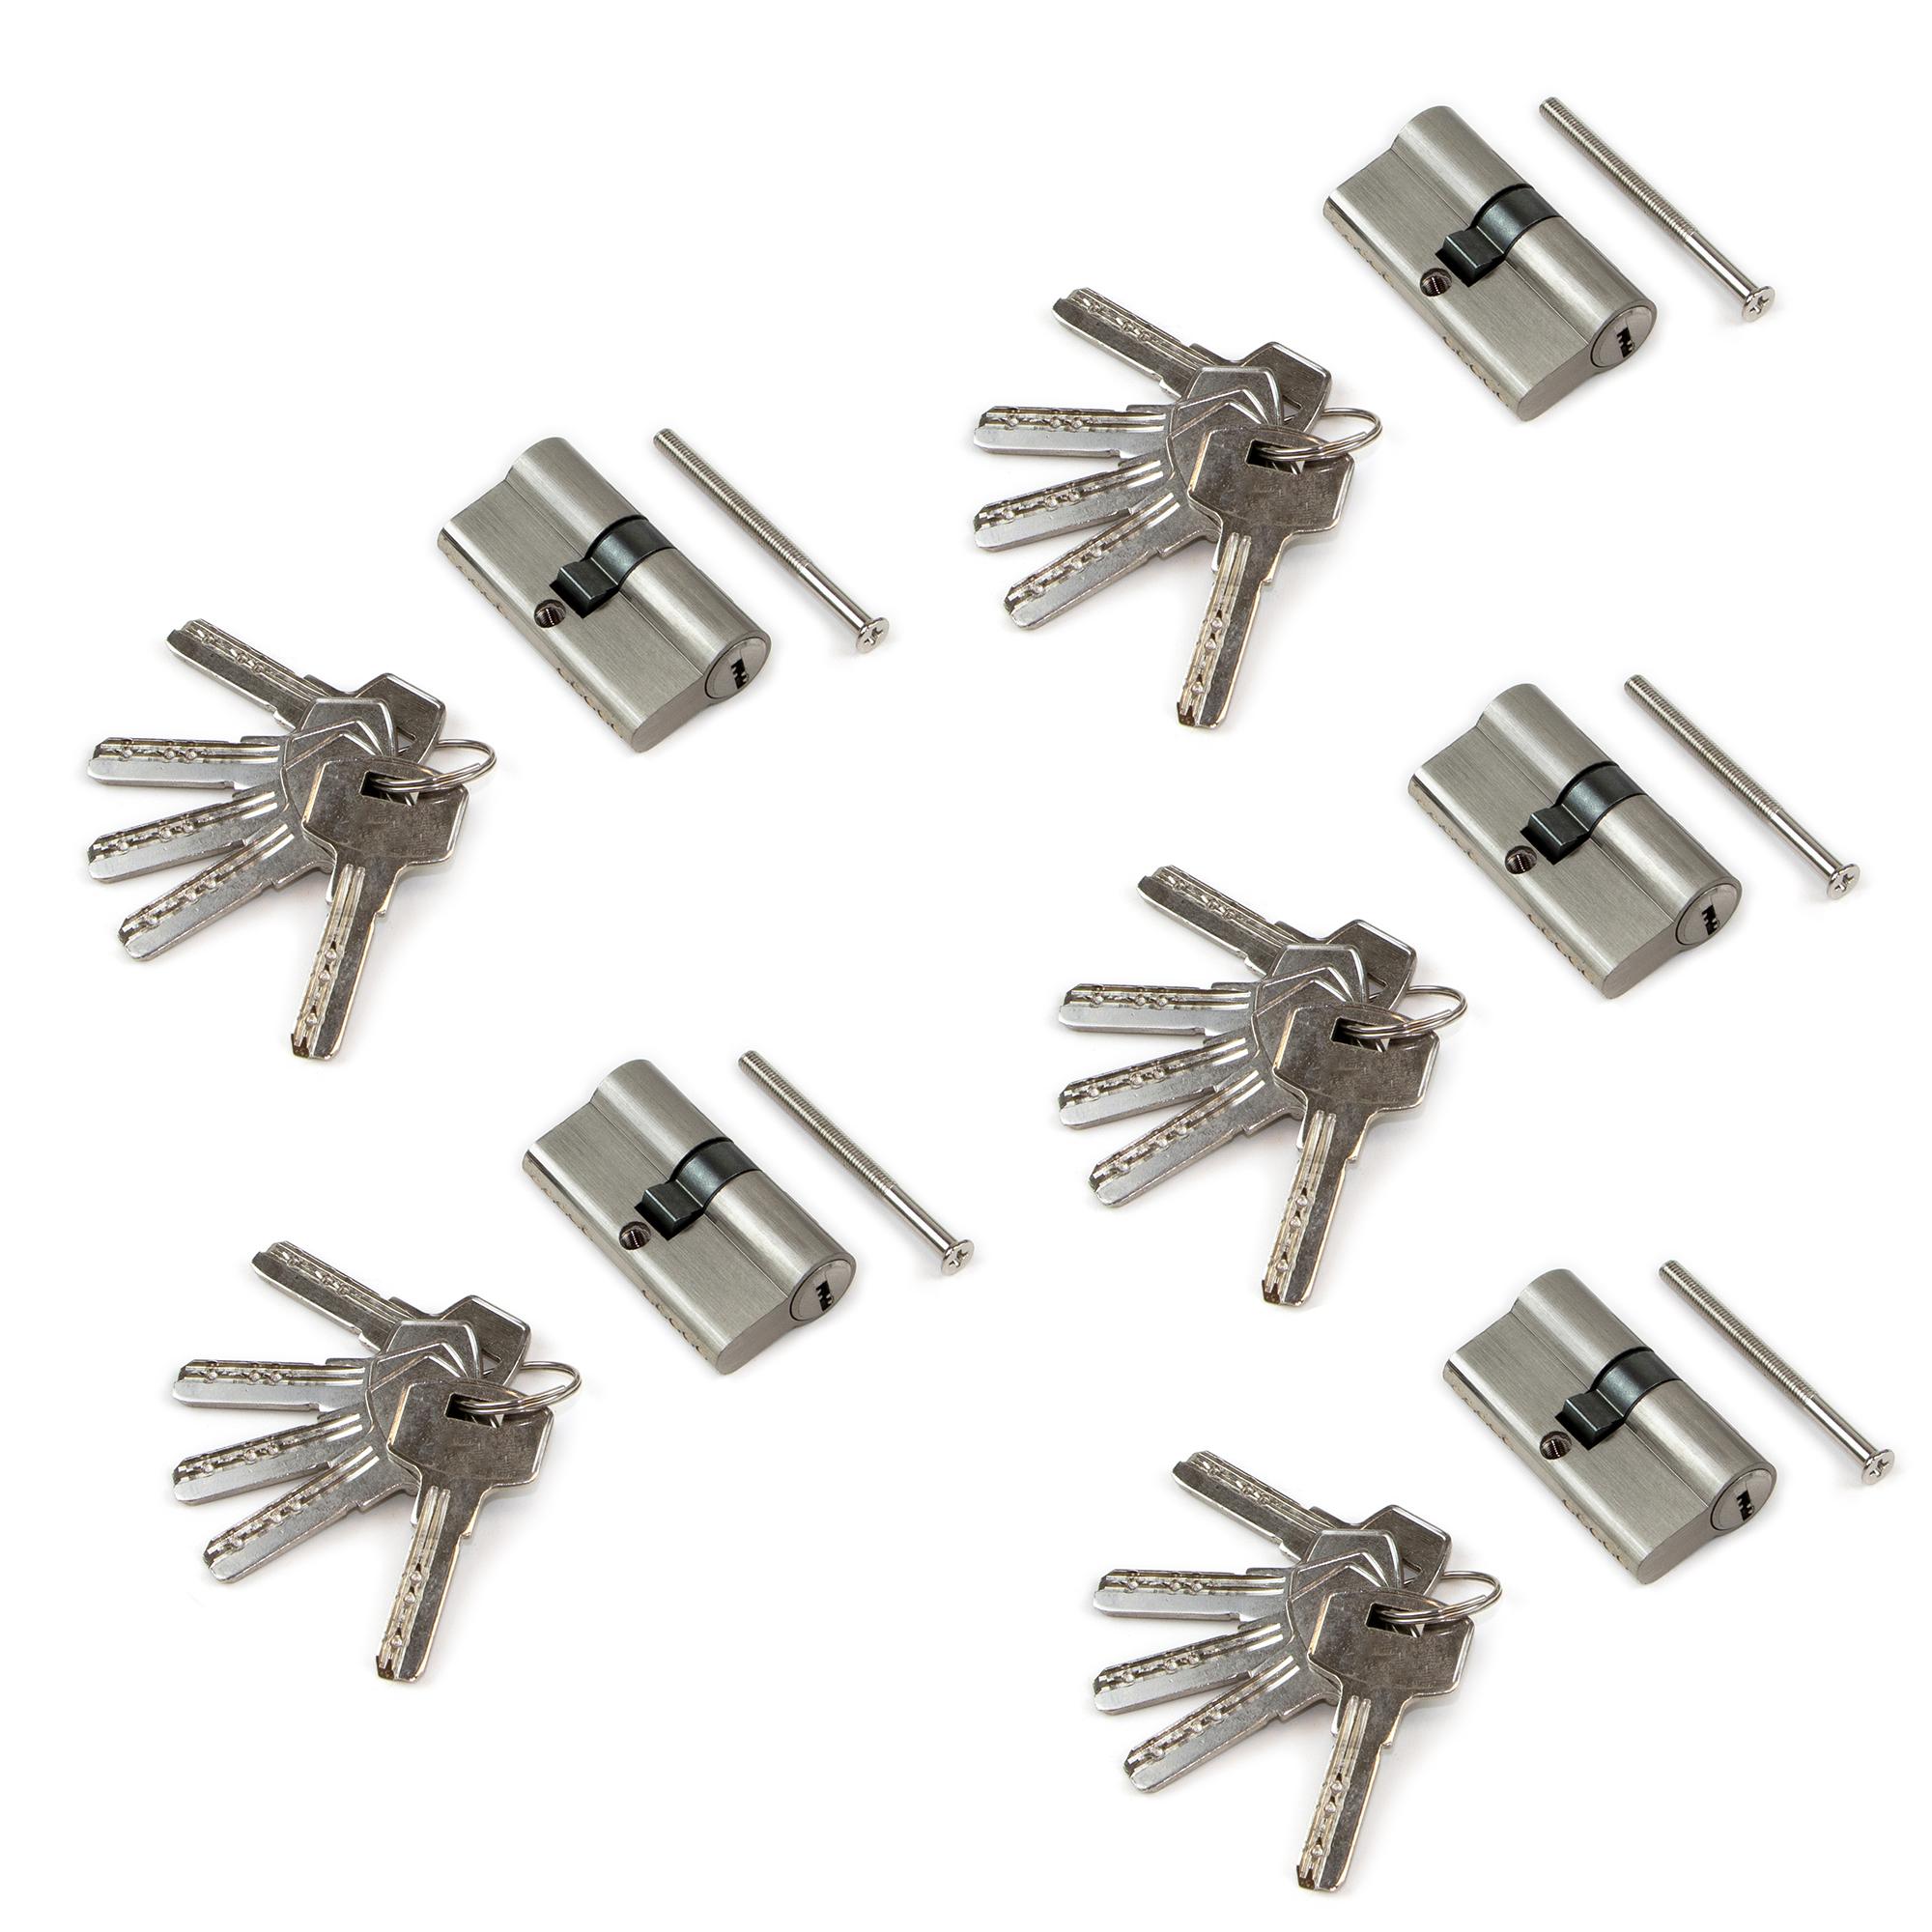 Emuca Cilindro serratura sicurezza profilo europeo per porta, 30+30 mm, frizione semplice, leva lunga, 5 chiavi, alluminio, nich